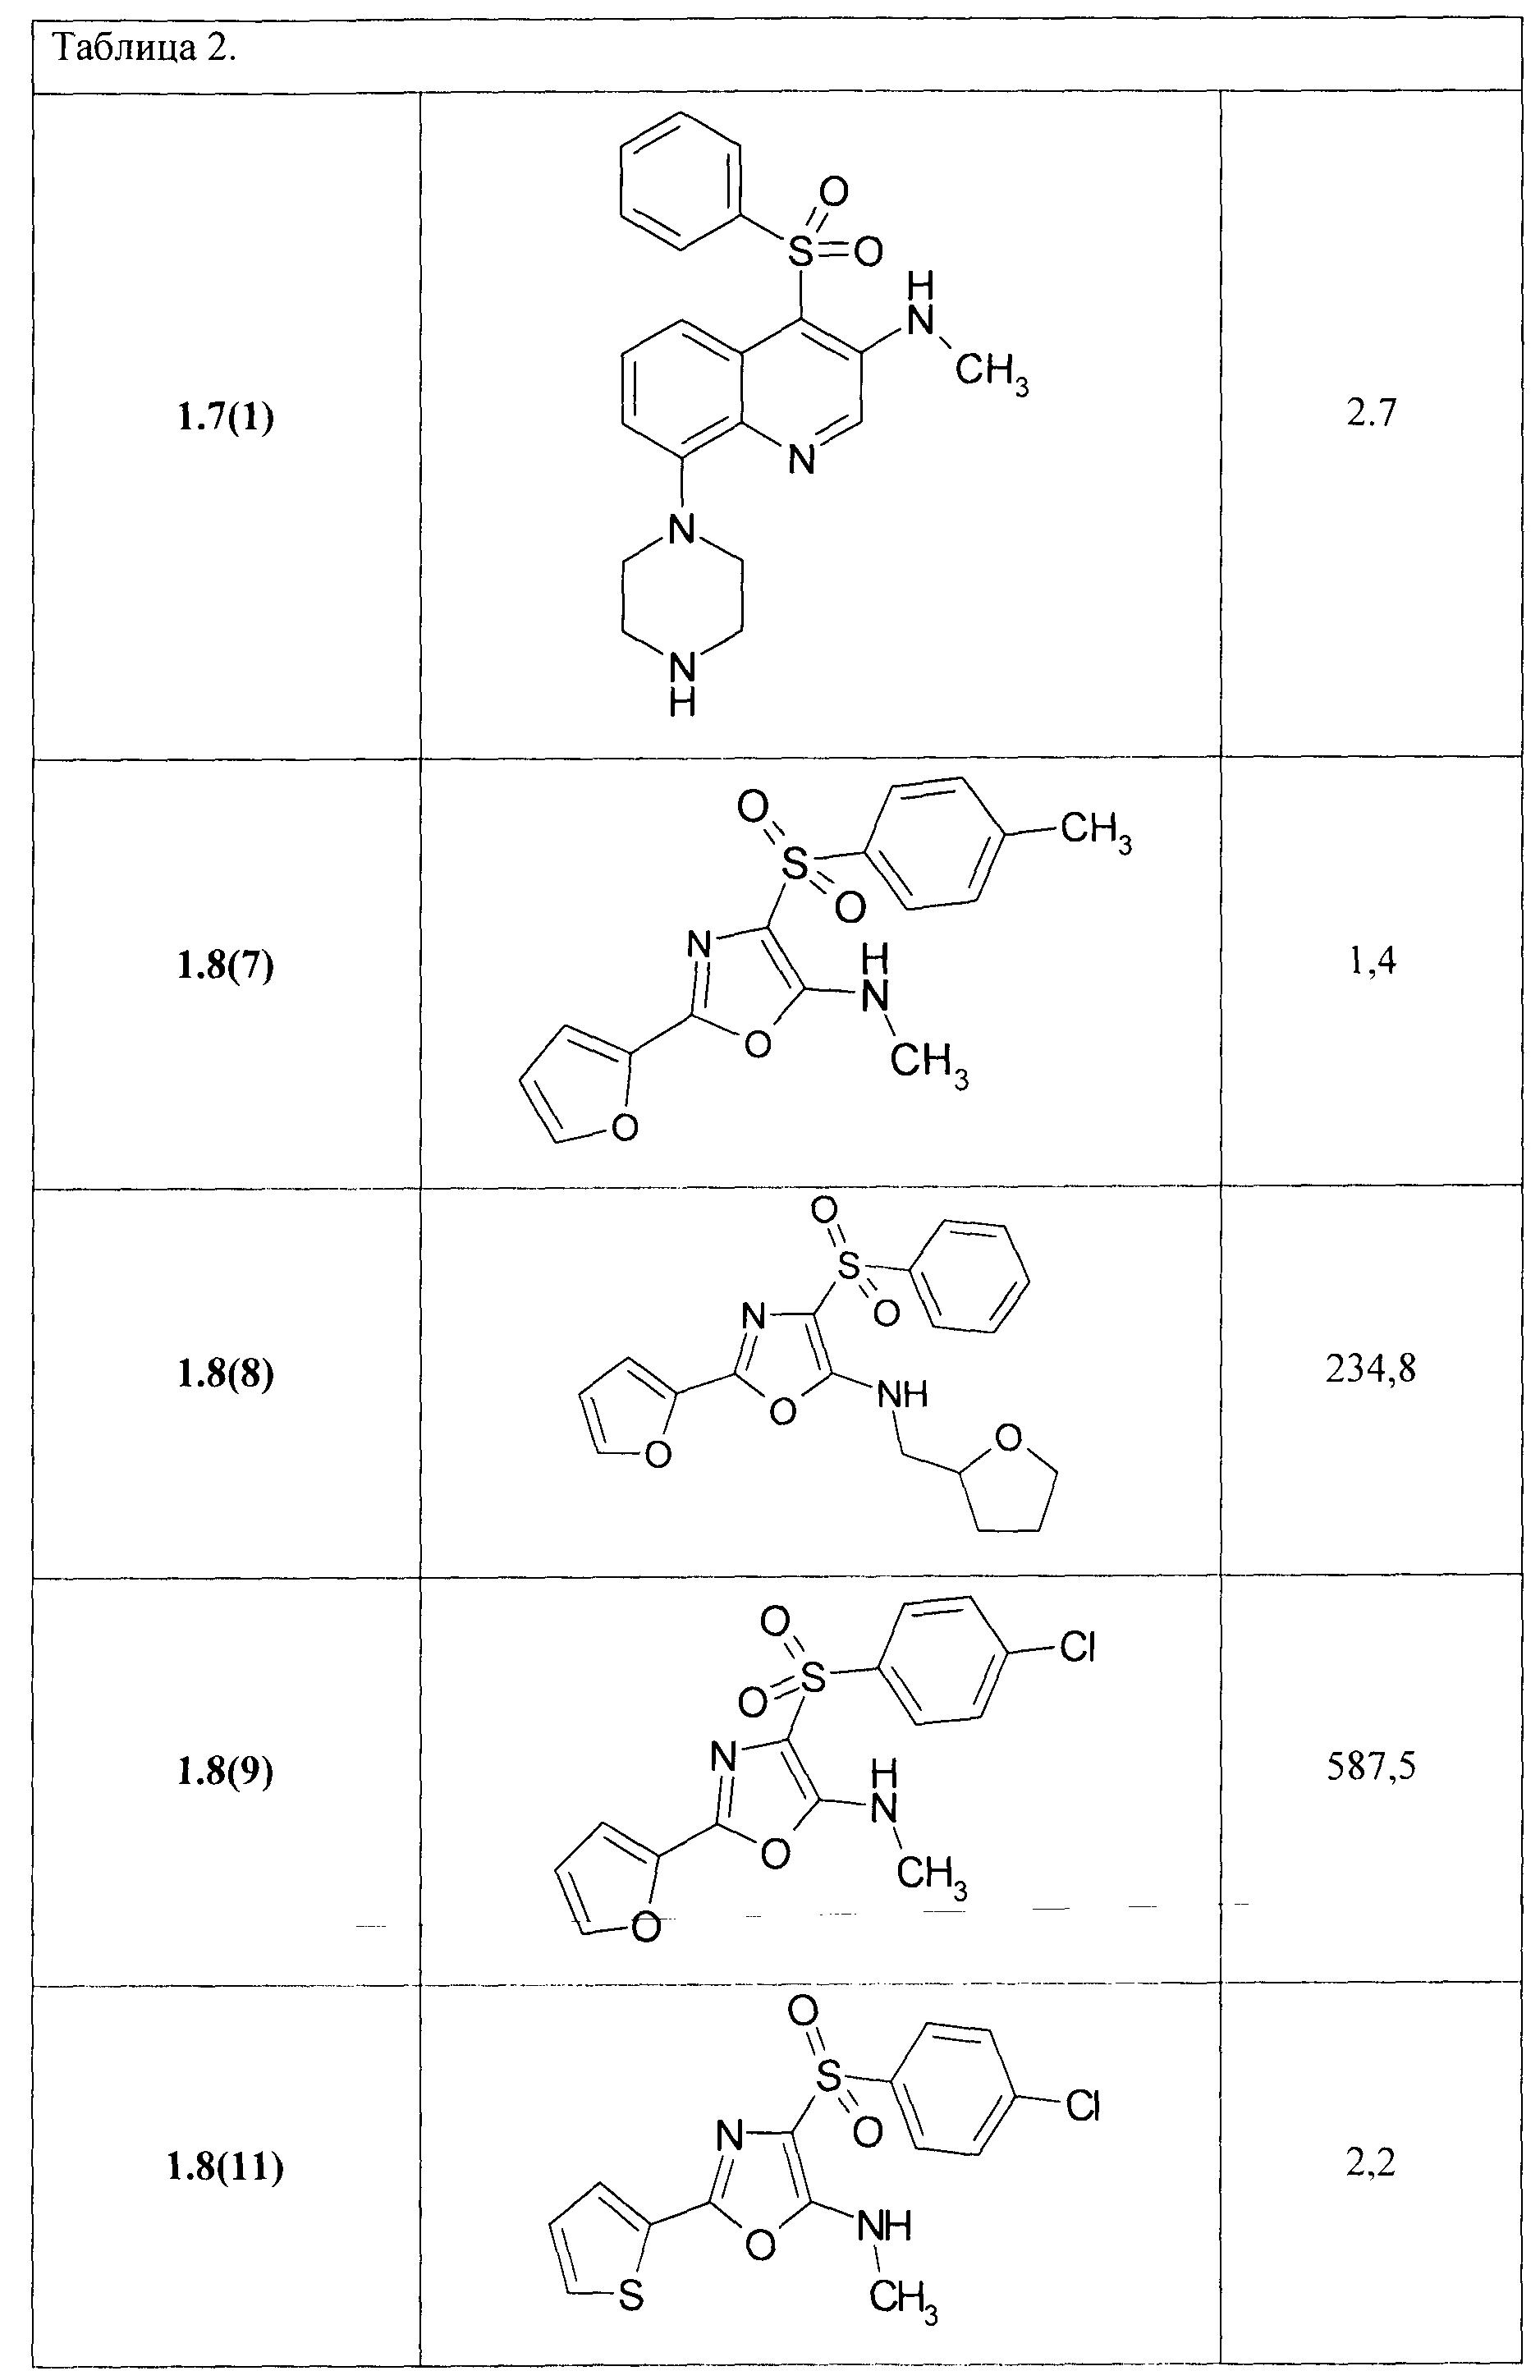 получение co2 ch4 h20 caco3 диоксид двуокись углерода